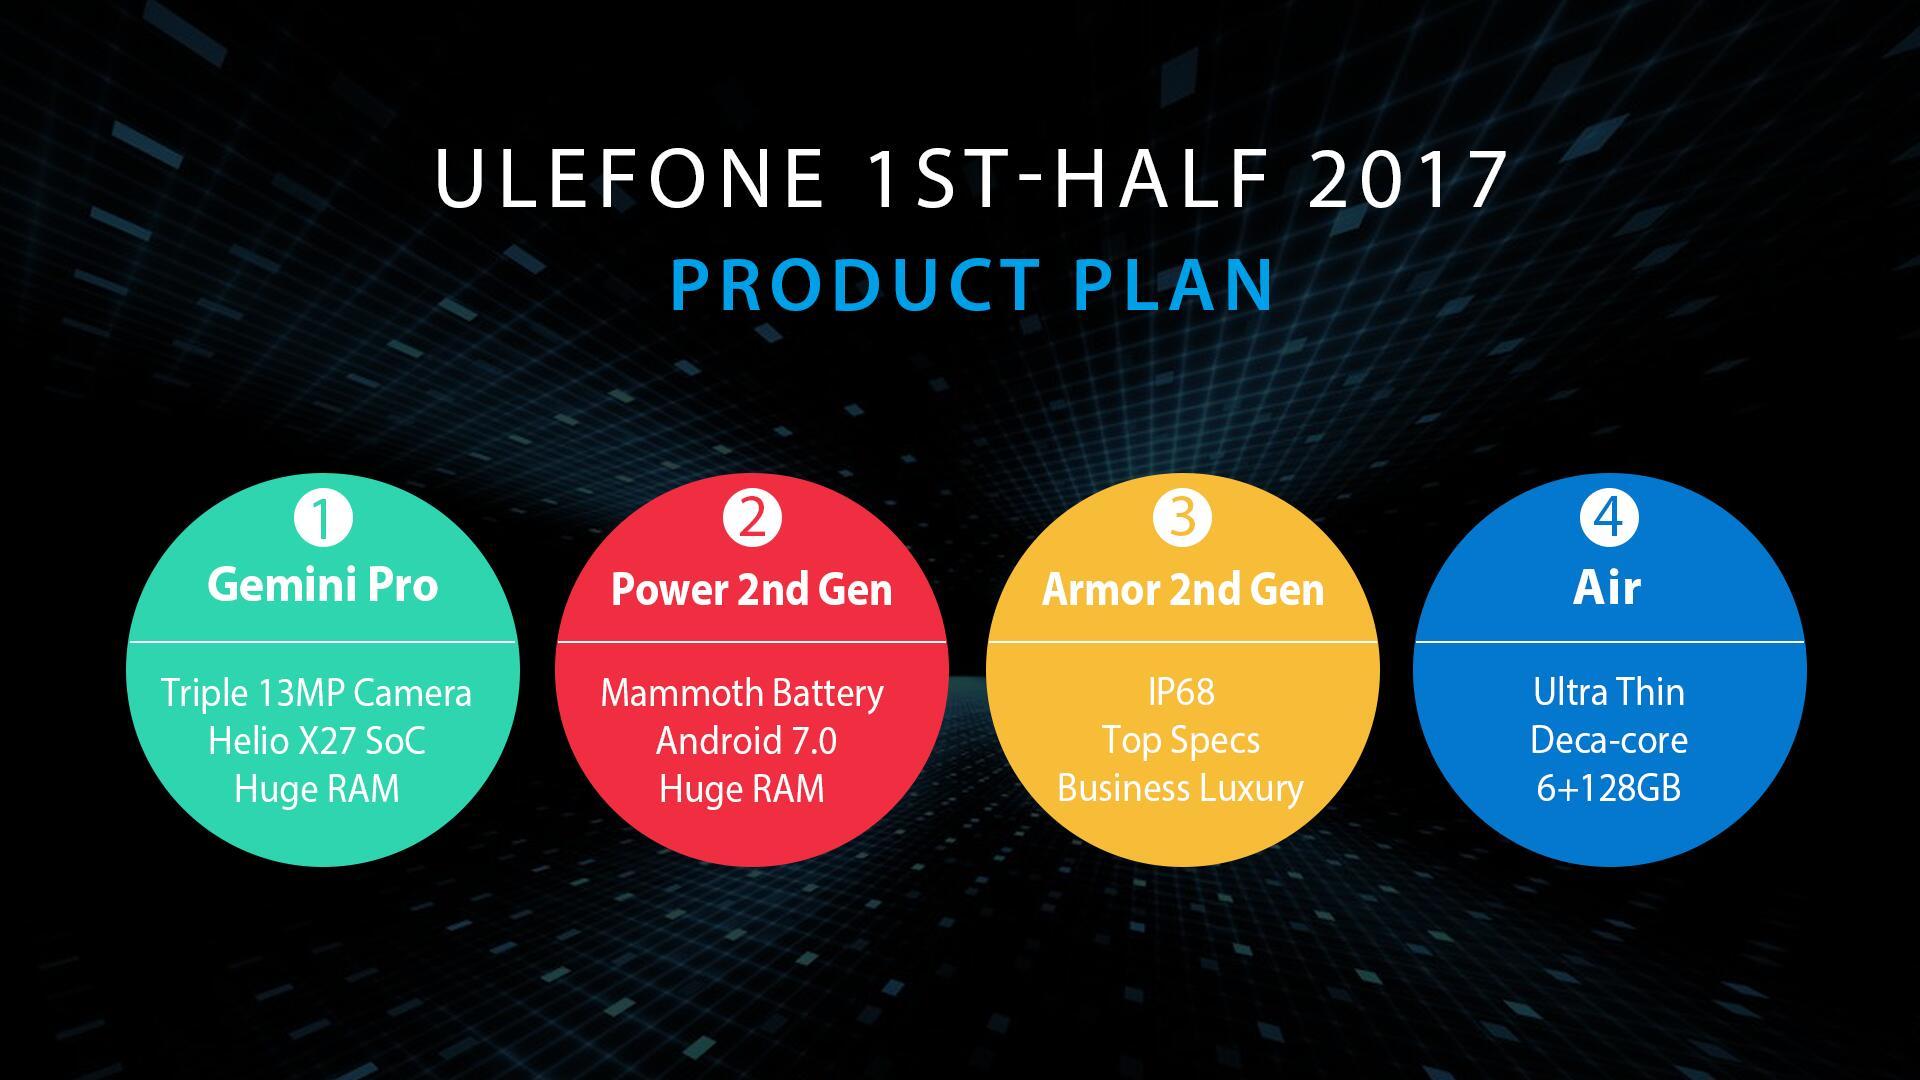 Ulefone 2017 Ulefone Gemini Pro Ulefone Power 2 Ulefone Armor 2 Ulefone Air